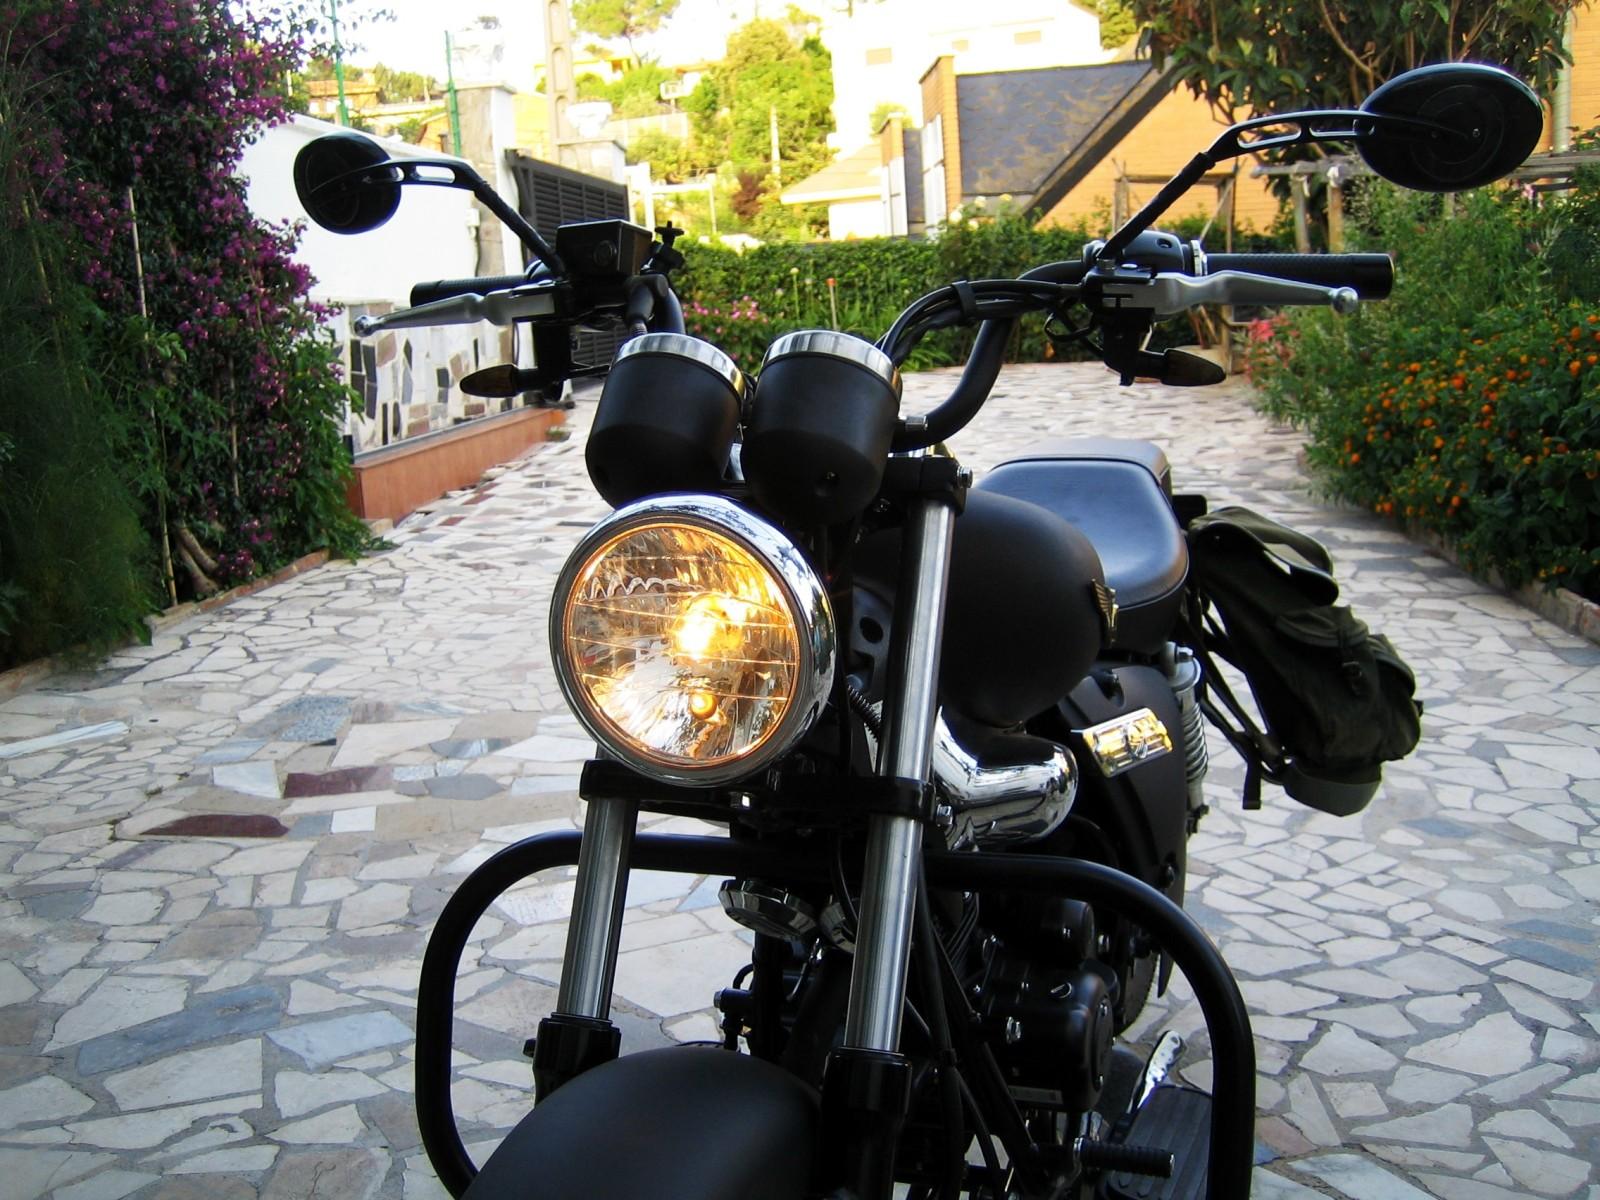 Tizona, como una Harley,... pero de las pequeñas. - Página 3 X0zaxh